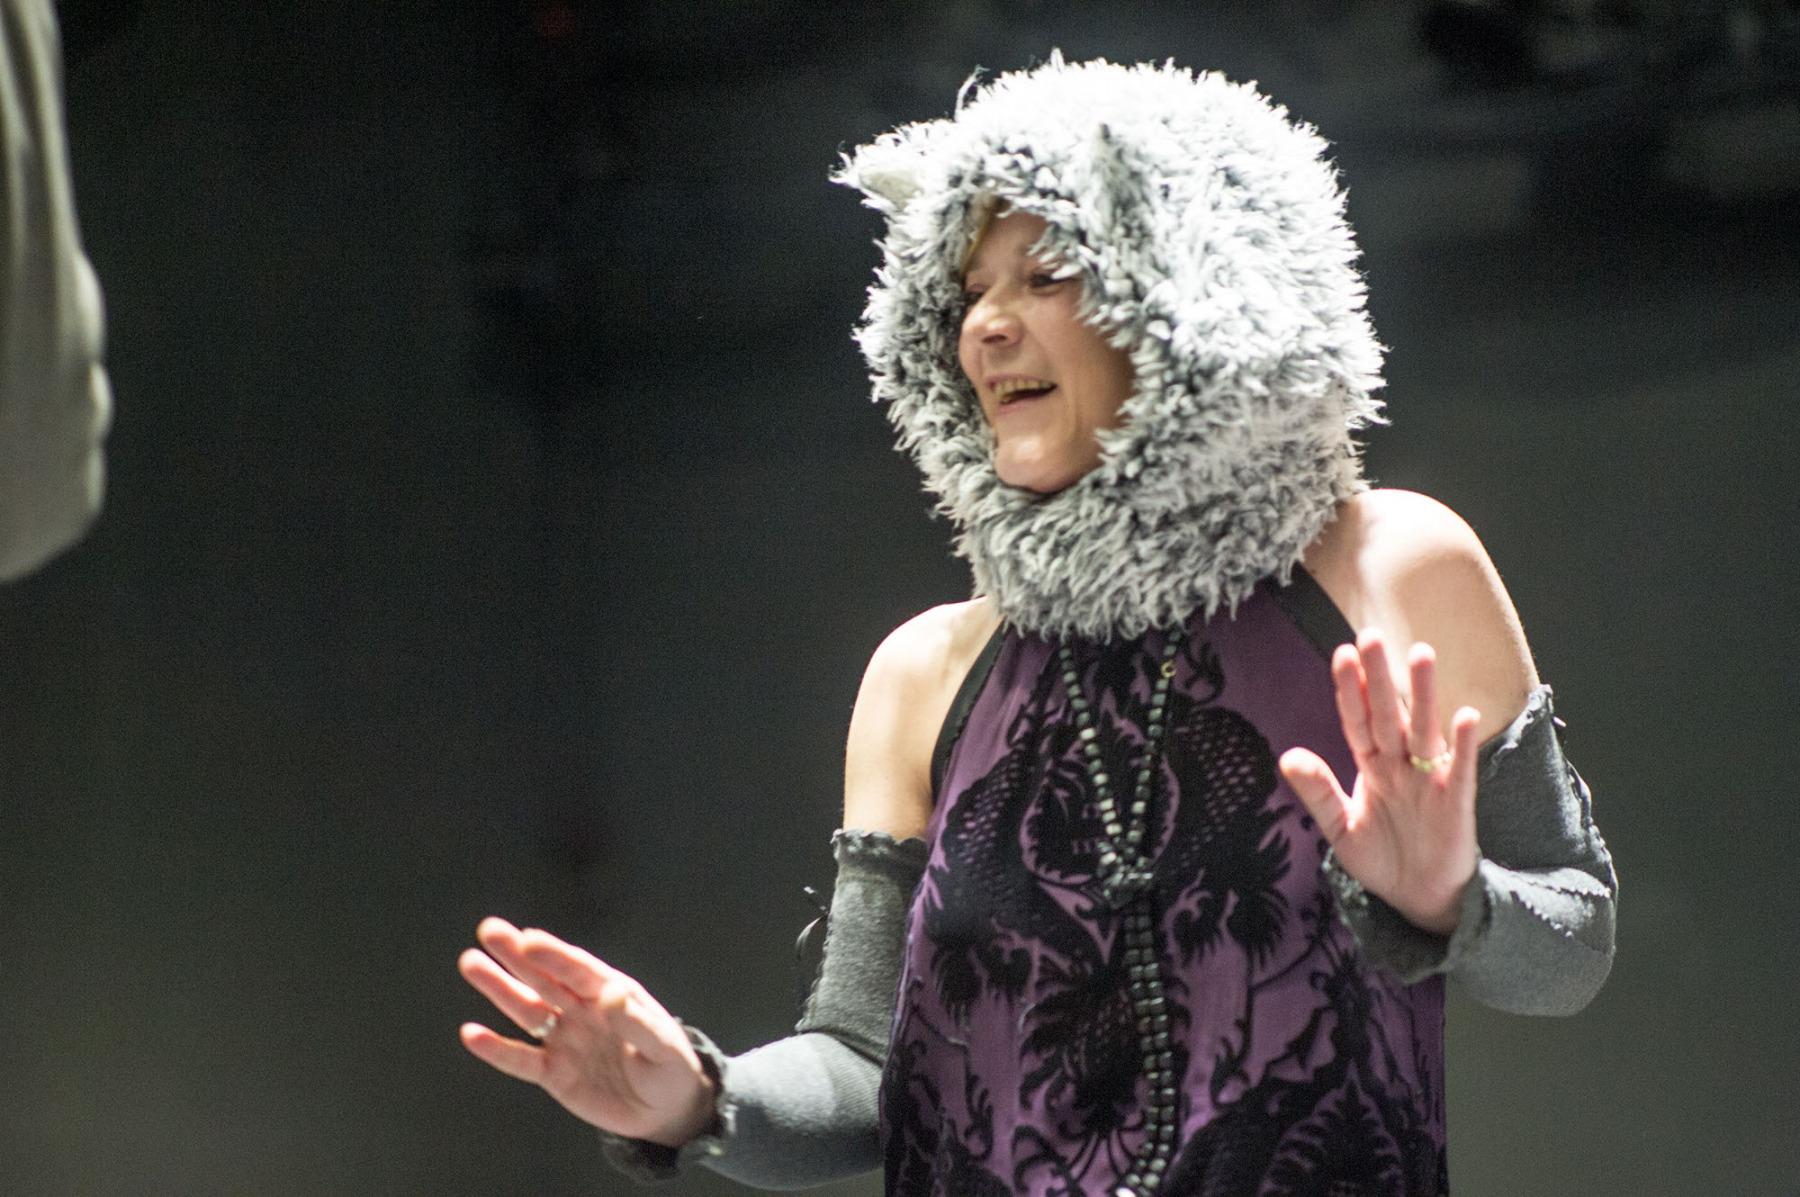 Divadlo-v-Braníku-2015-122